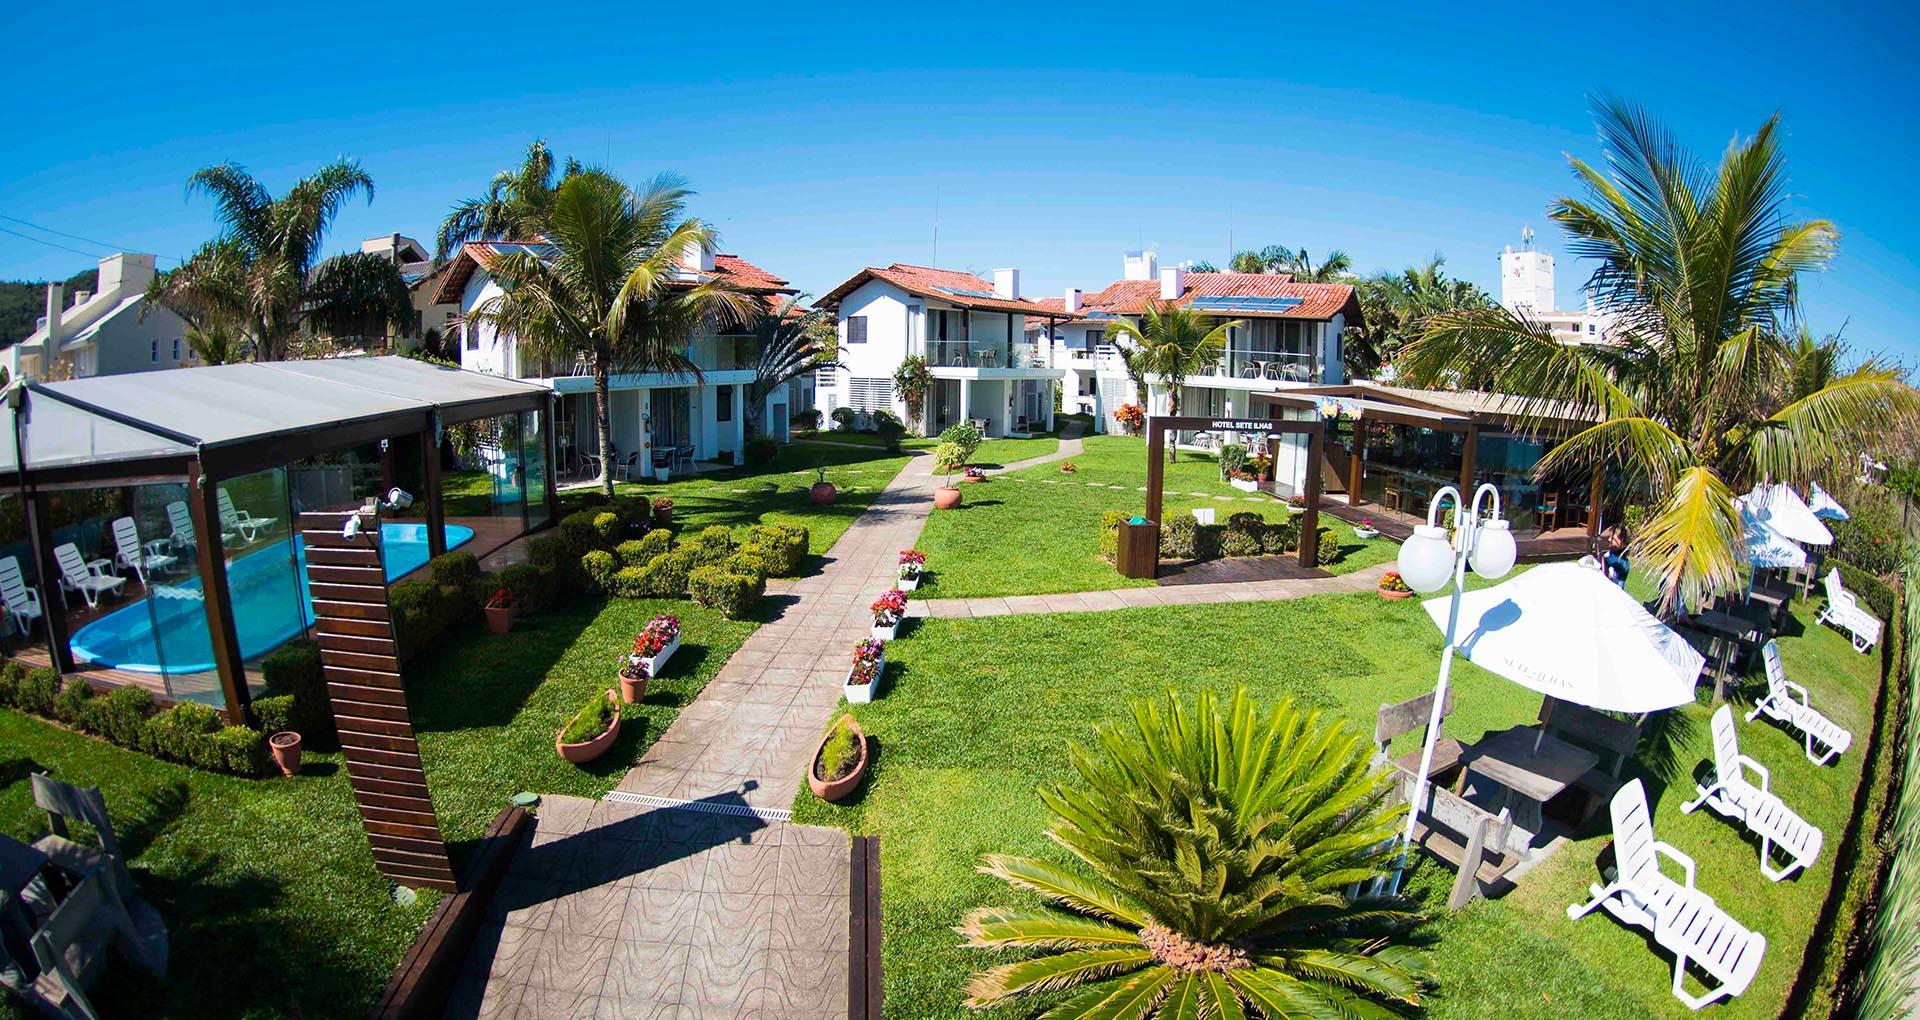 Belo e vasto gramado com flores em frente às ilhas do Hotel Sete Ilhas, e um restaurante também à beira mar de Jurerê em Florianópolis.